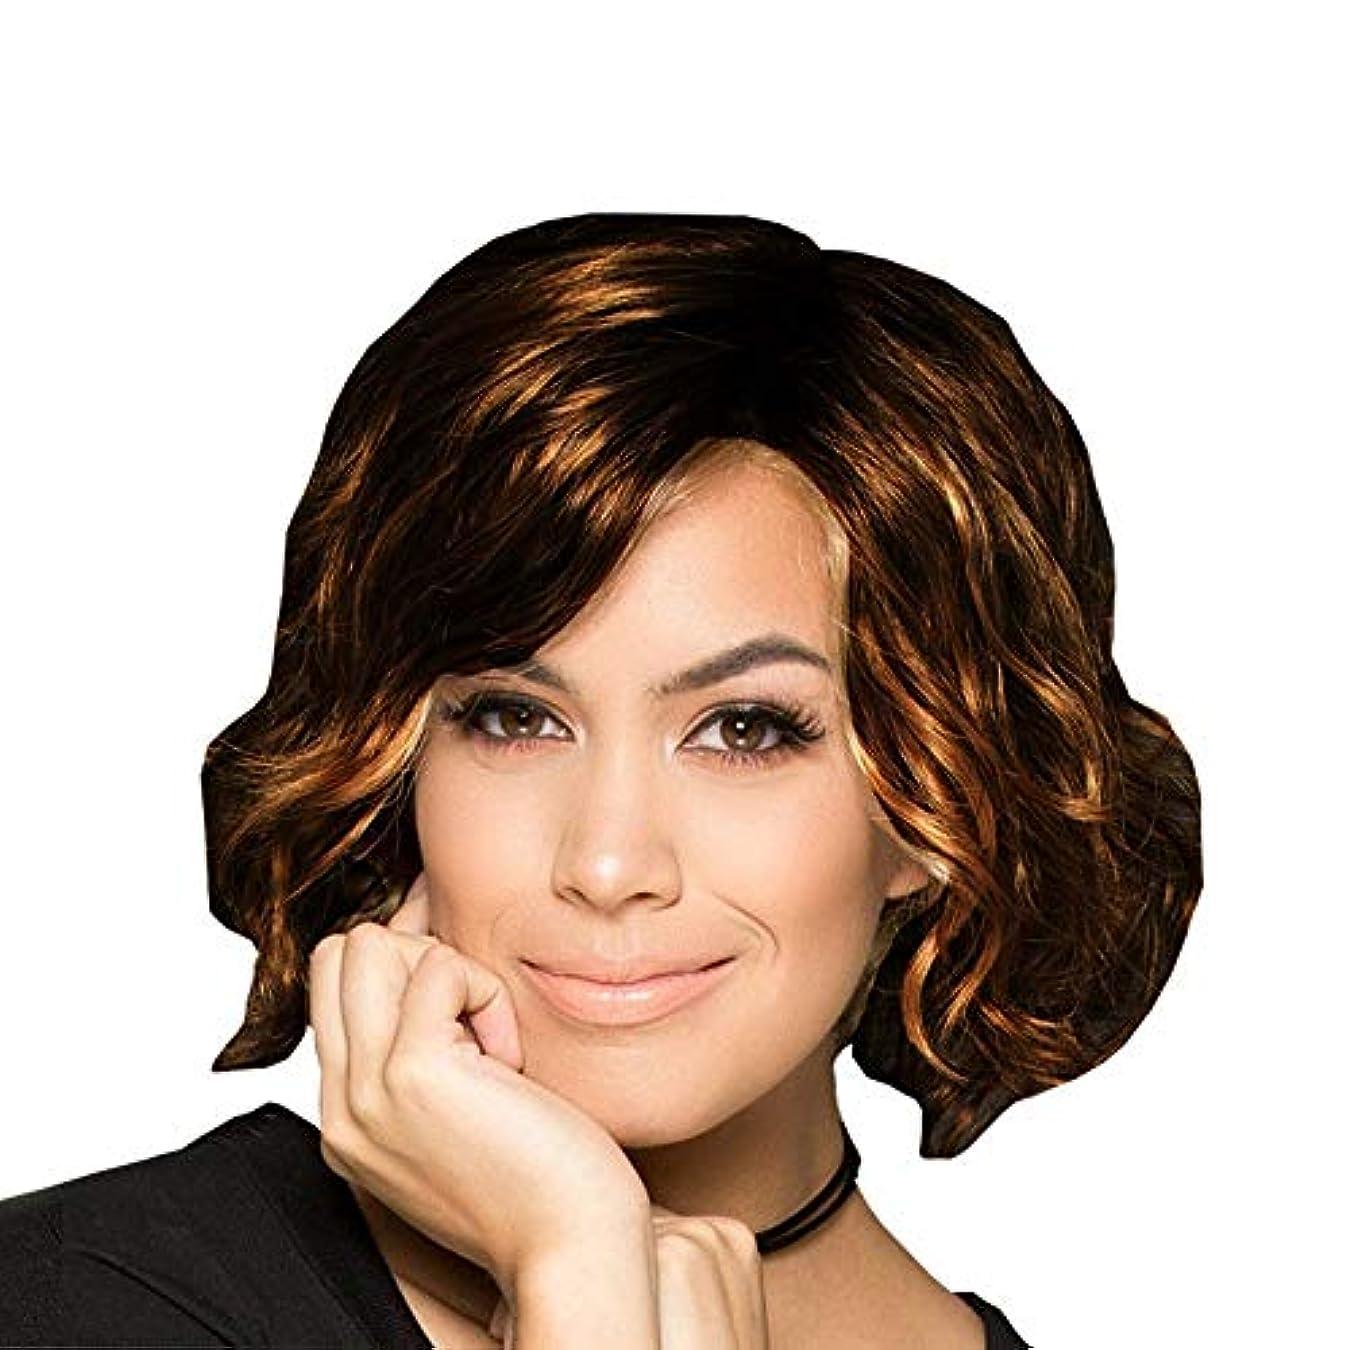 契約する含むブラウズWASAIO 女性のショートカーリーウィッグブロンドの髪ショートボブウィッグ (色 : B)